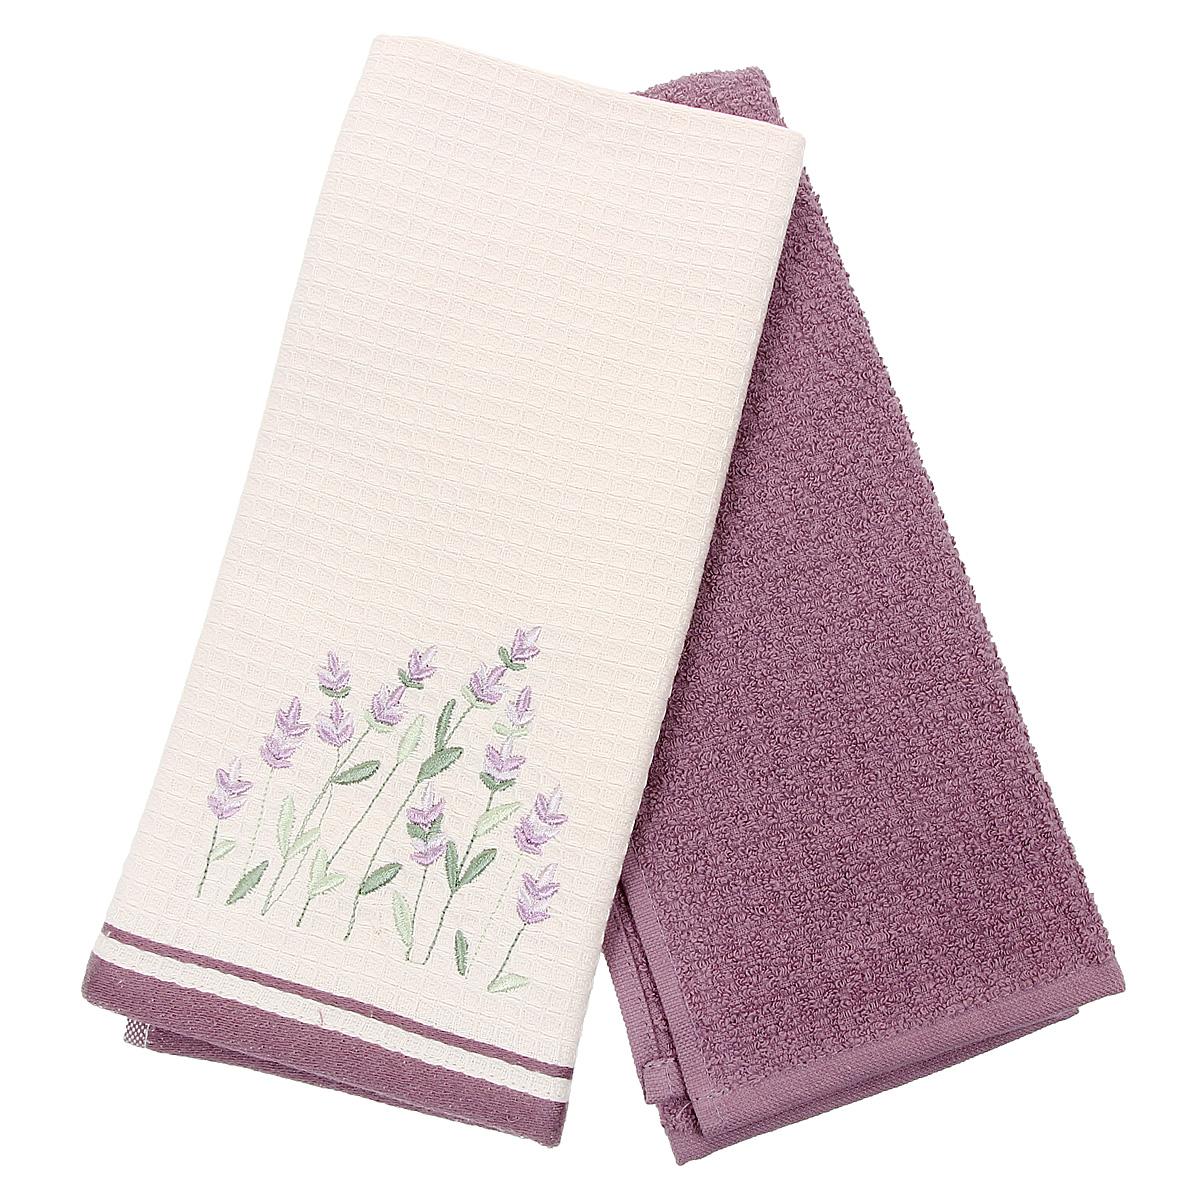 Набор кухонных полотенец Coronet Лаванда, цвет: фиолетовый, бежевый, 40 см х 60 см, 2 штК-МП-5010-05-07-01Набор Coronet Лаванда состоит из двух прямоугольных полотенец: вафельного полотенца бежевого цвета с вышивкой в виде цветков лаванды и махрового полотенца фиолетового цвета. Изделия выполнены из натурального хлопка, поэтому являются экологически чистыми. Высочайшее качество материала гарантирует безопасность не только взрослых, но и самых маленьких членов семьи. Кухонные полотенца Coronet практичны и долговечны. Прекрасно впитывают влагу. Эти свойства изделия из натурального хлопка не теряют на протяжении многих лет. Хлопчатобумажные изделия выдерживают многочисленные стирки при высоких температурах. Такой набор идеально дополнит интерьер вашей кухни и создаст атмосферу уюта и комфорта. Coronet предлагает коллекции готовых стилистических решений для различной кухонной мебели, множество видов, рисунков и цветов. Вам легко будет создать нужную атмосферу на кухне и в столовой. Рекомендации по уходу: - стирать при температуре 40°С, - чистка с...